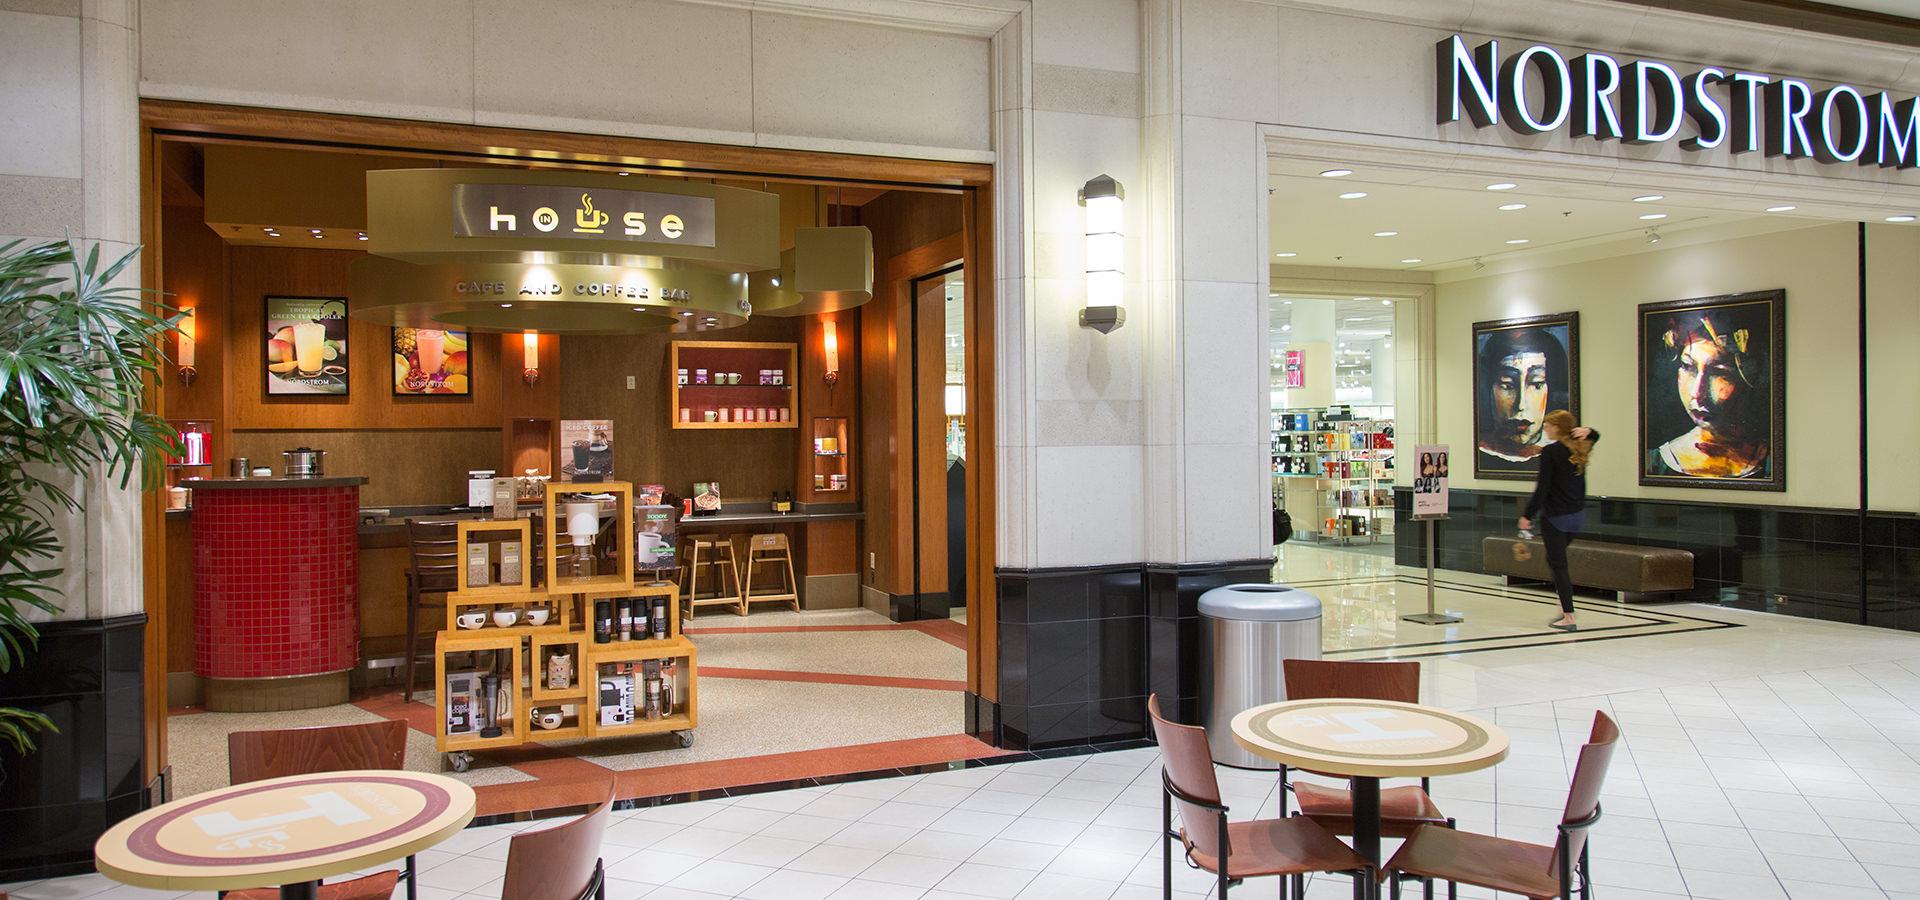 Nordstrom Cafe Menu Vancouver